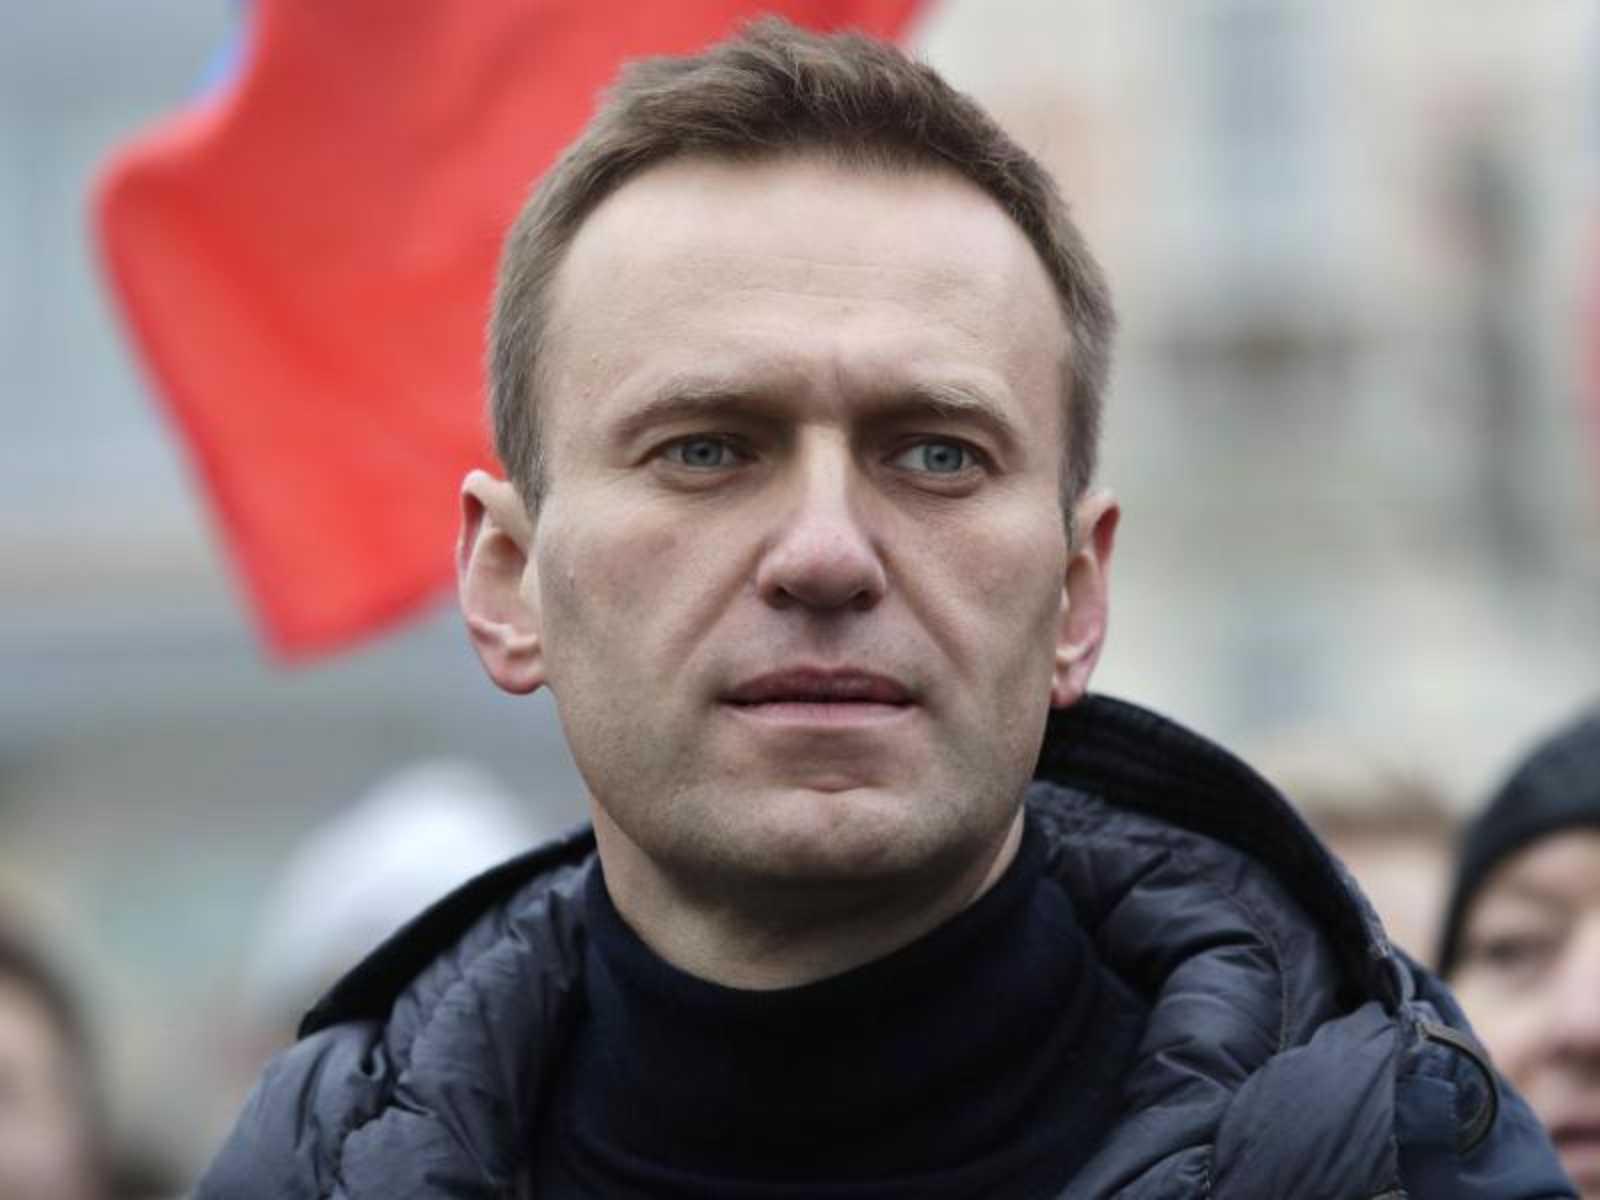 Foto: Pavel Golovkin